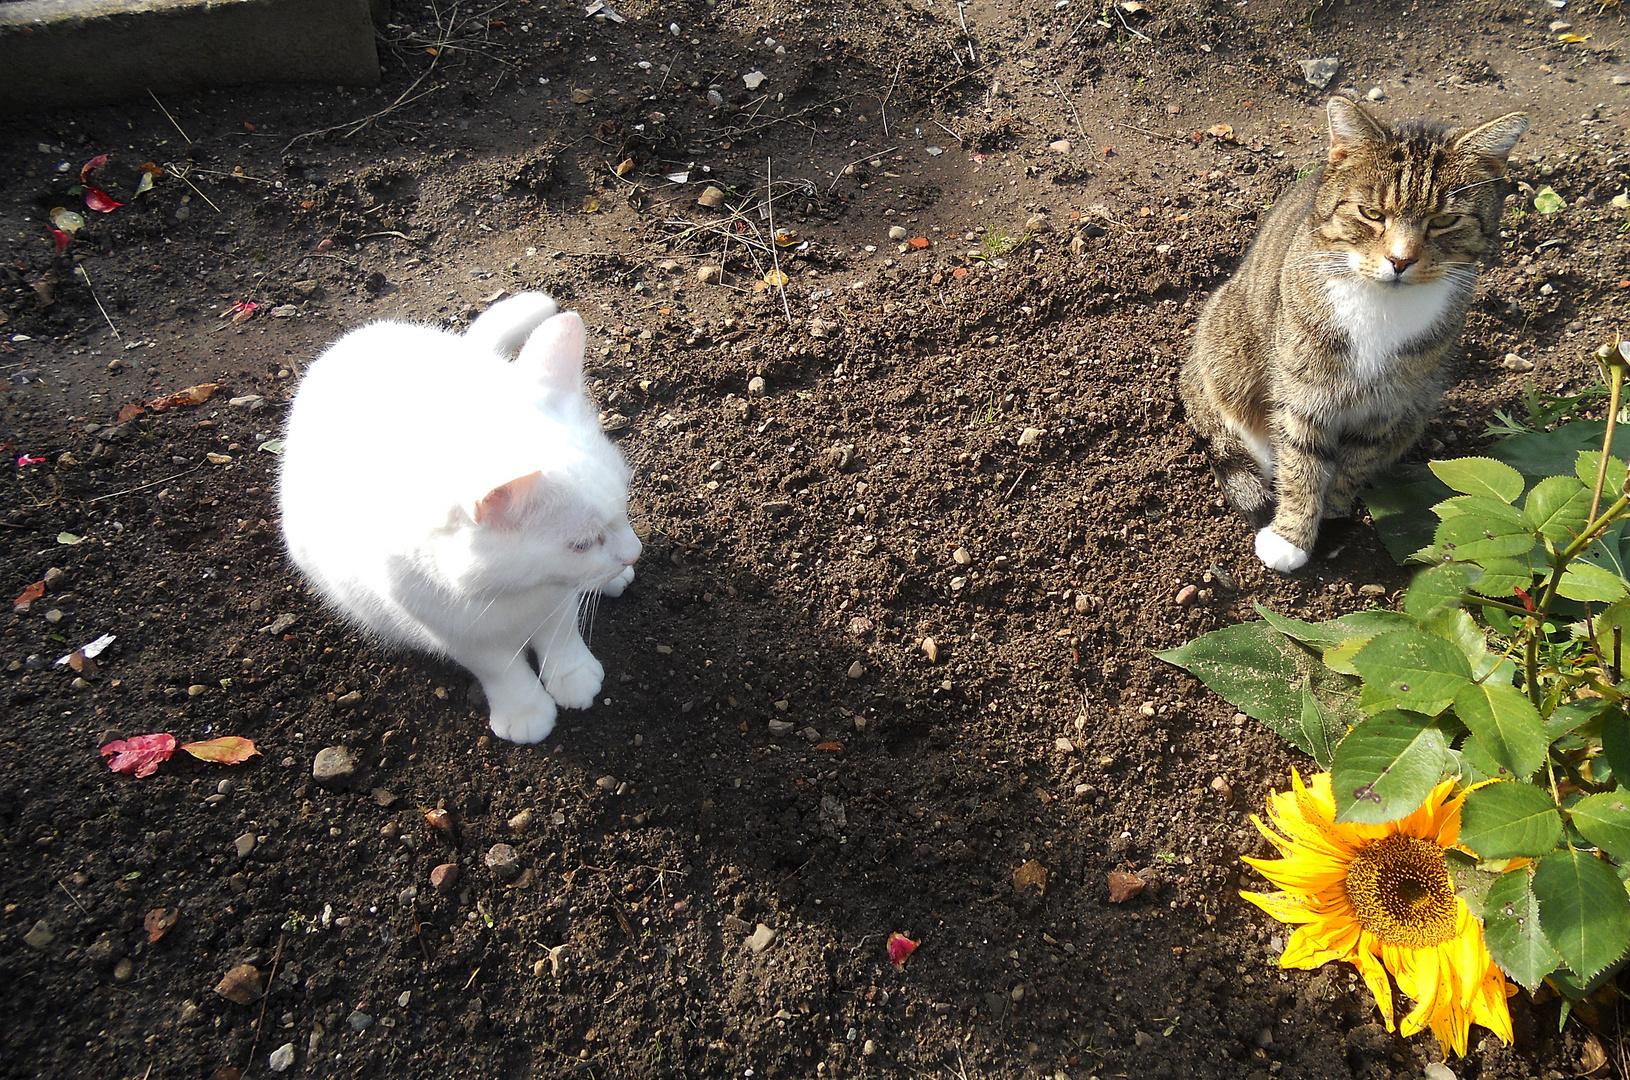 Spike und Felix im Gespräch vertieft